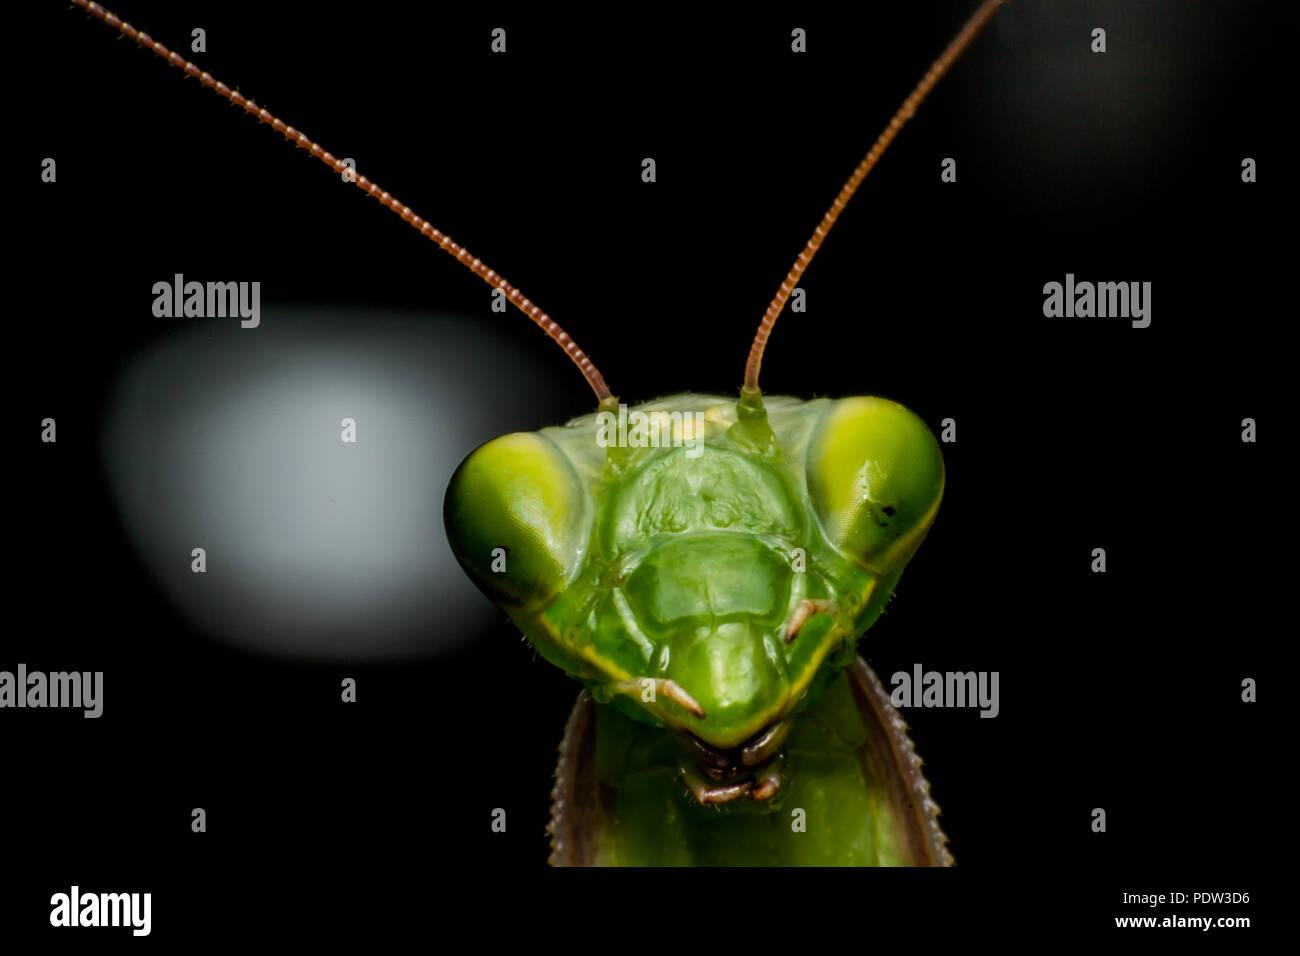 Mantis close-up, macro - Stock Image